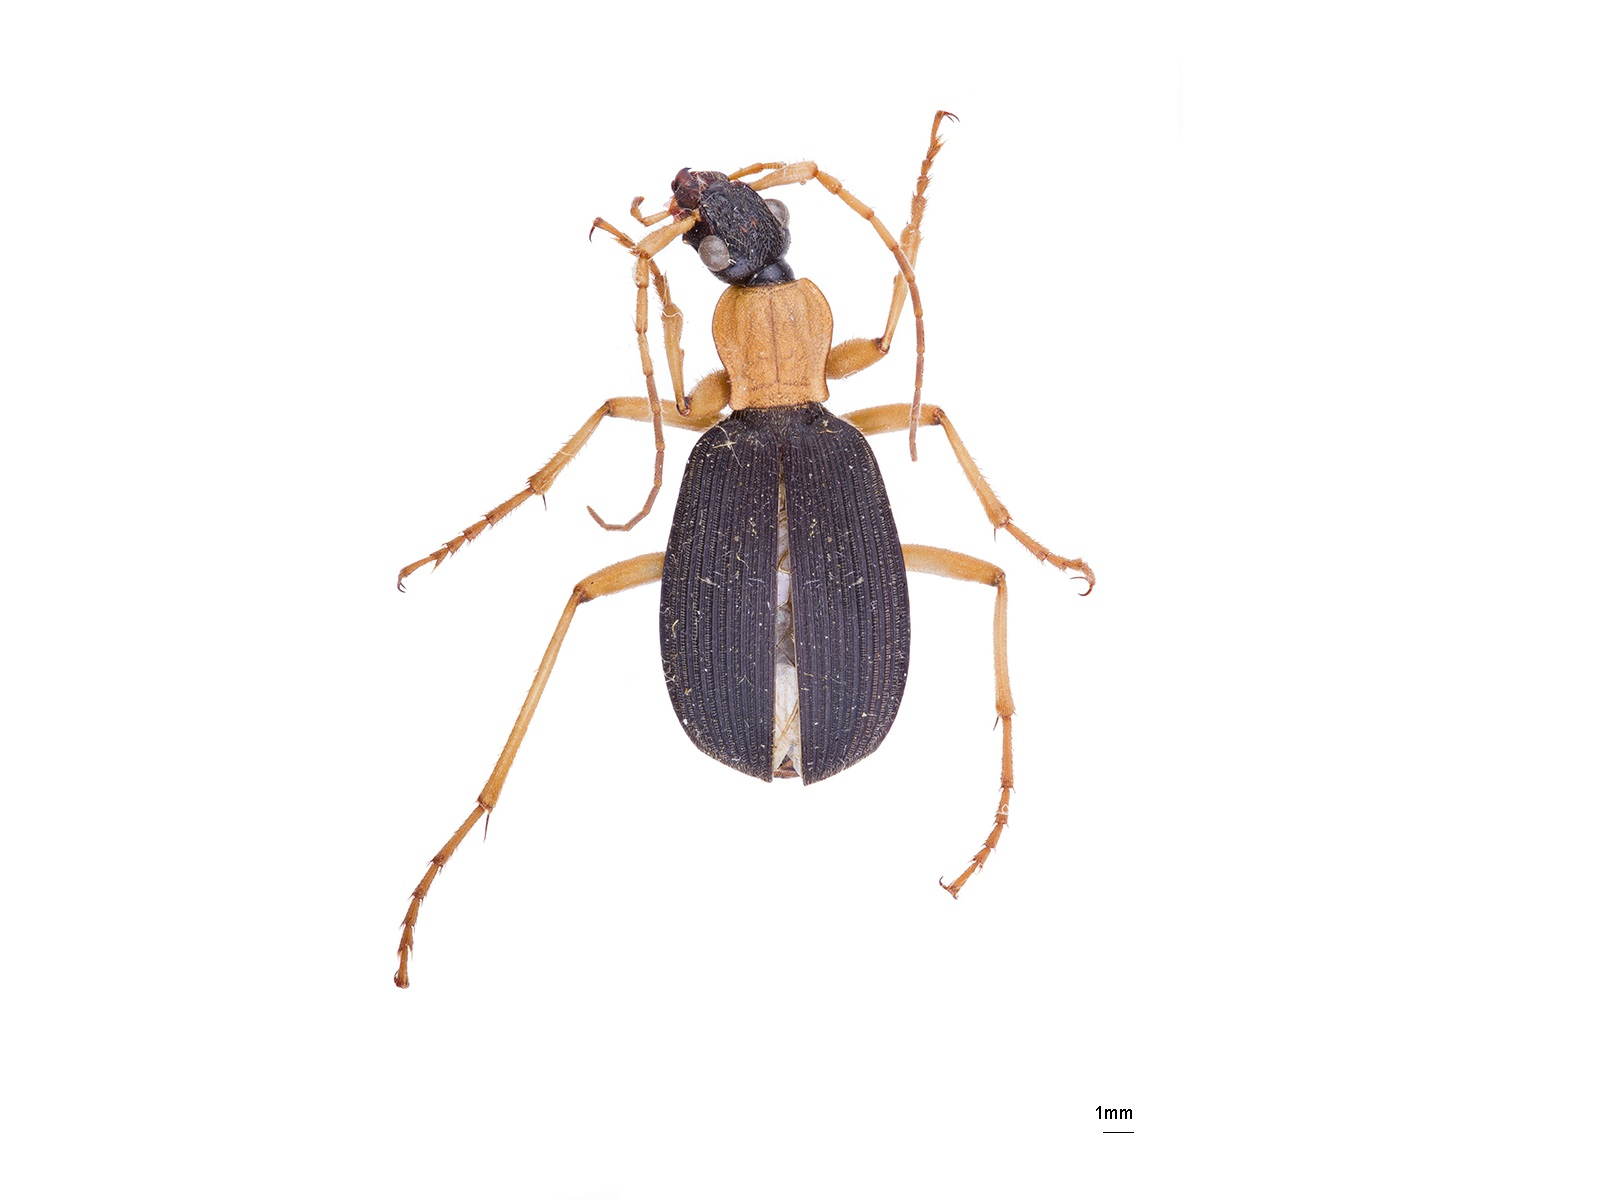 Galerita spp.